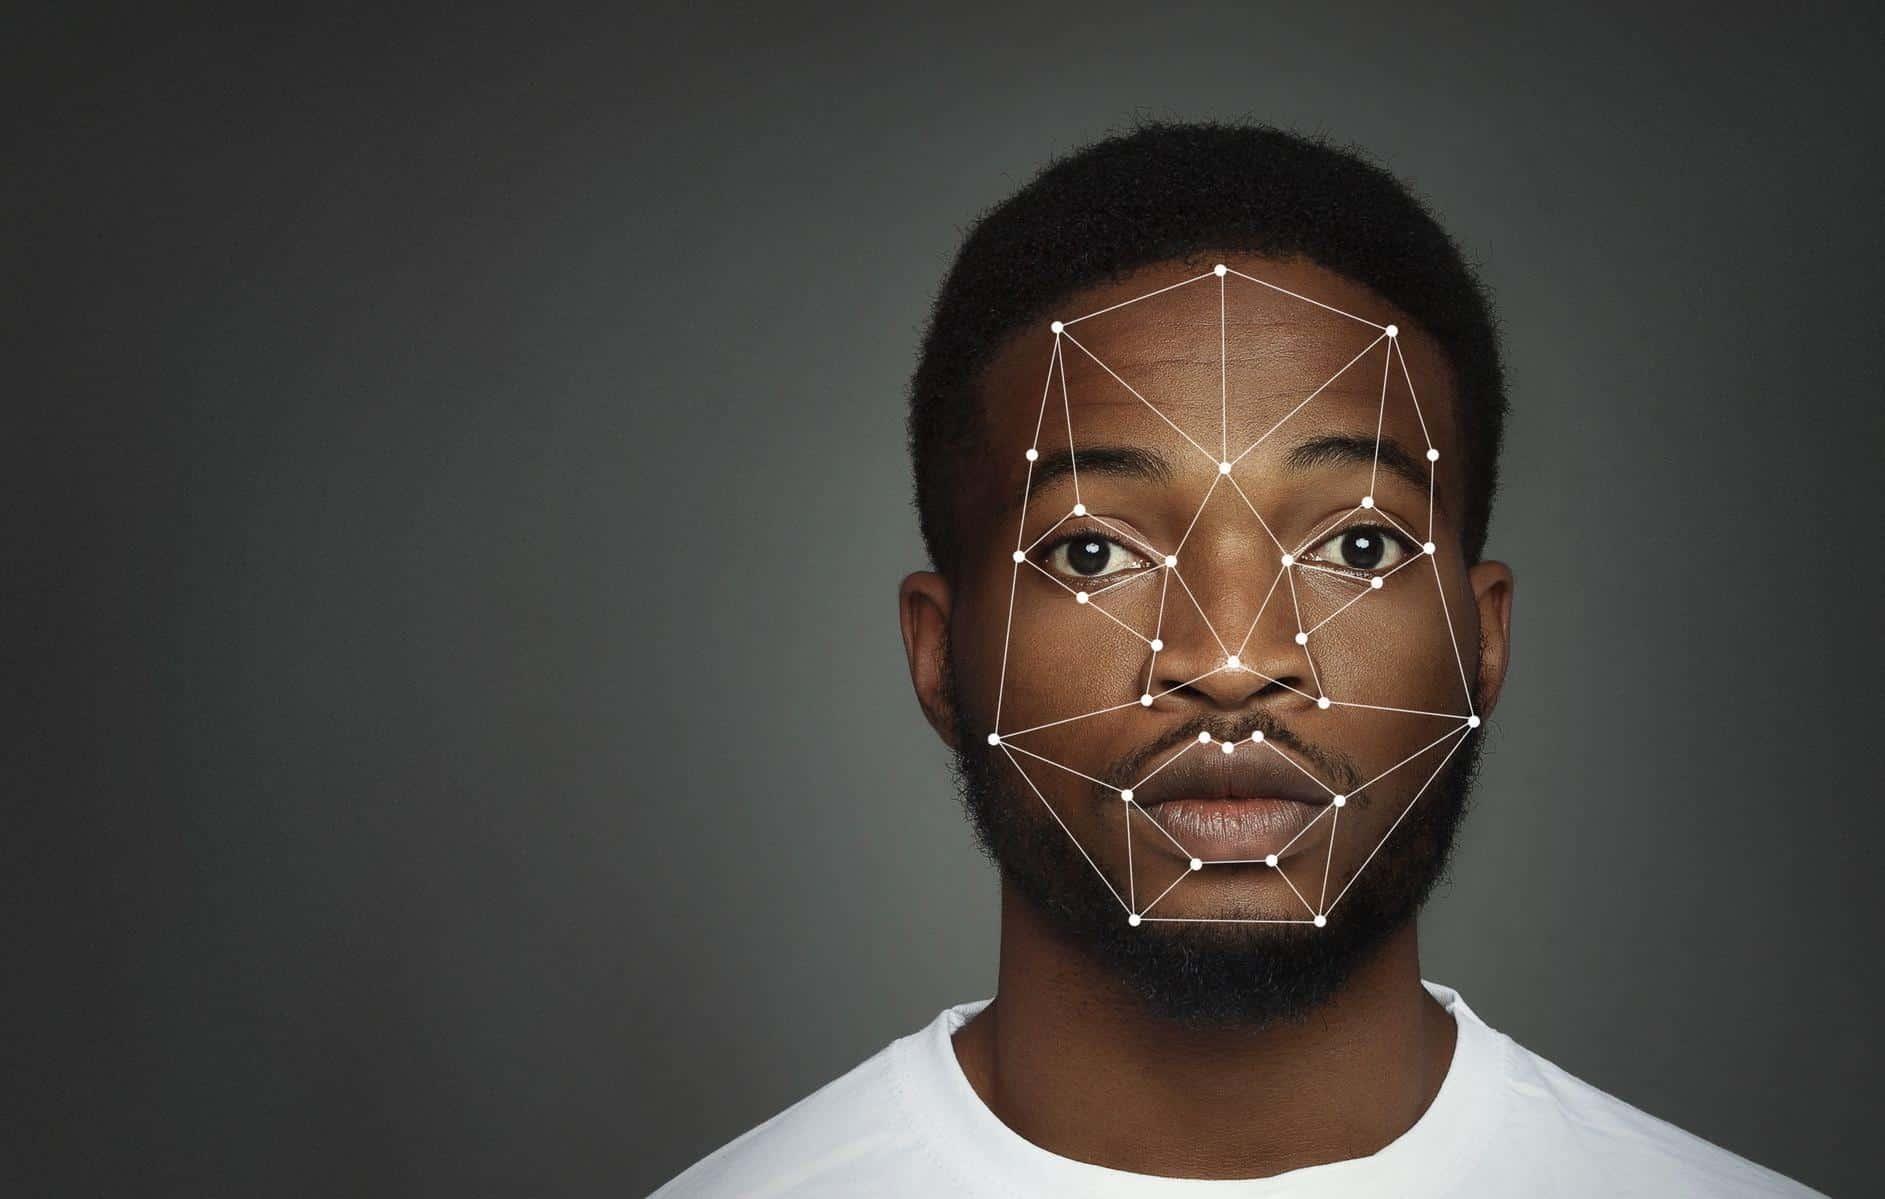 Estudos mostram que reconhecimento facial é até 10 vezes mais propenso a falsos positivos em fotos de pessoas negras do que brancas